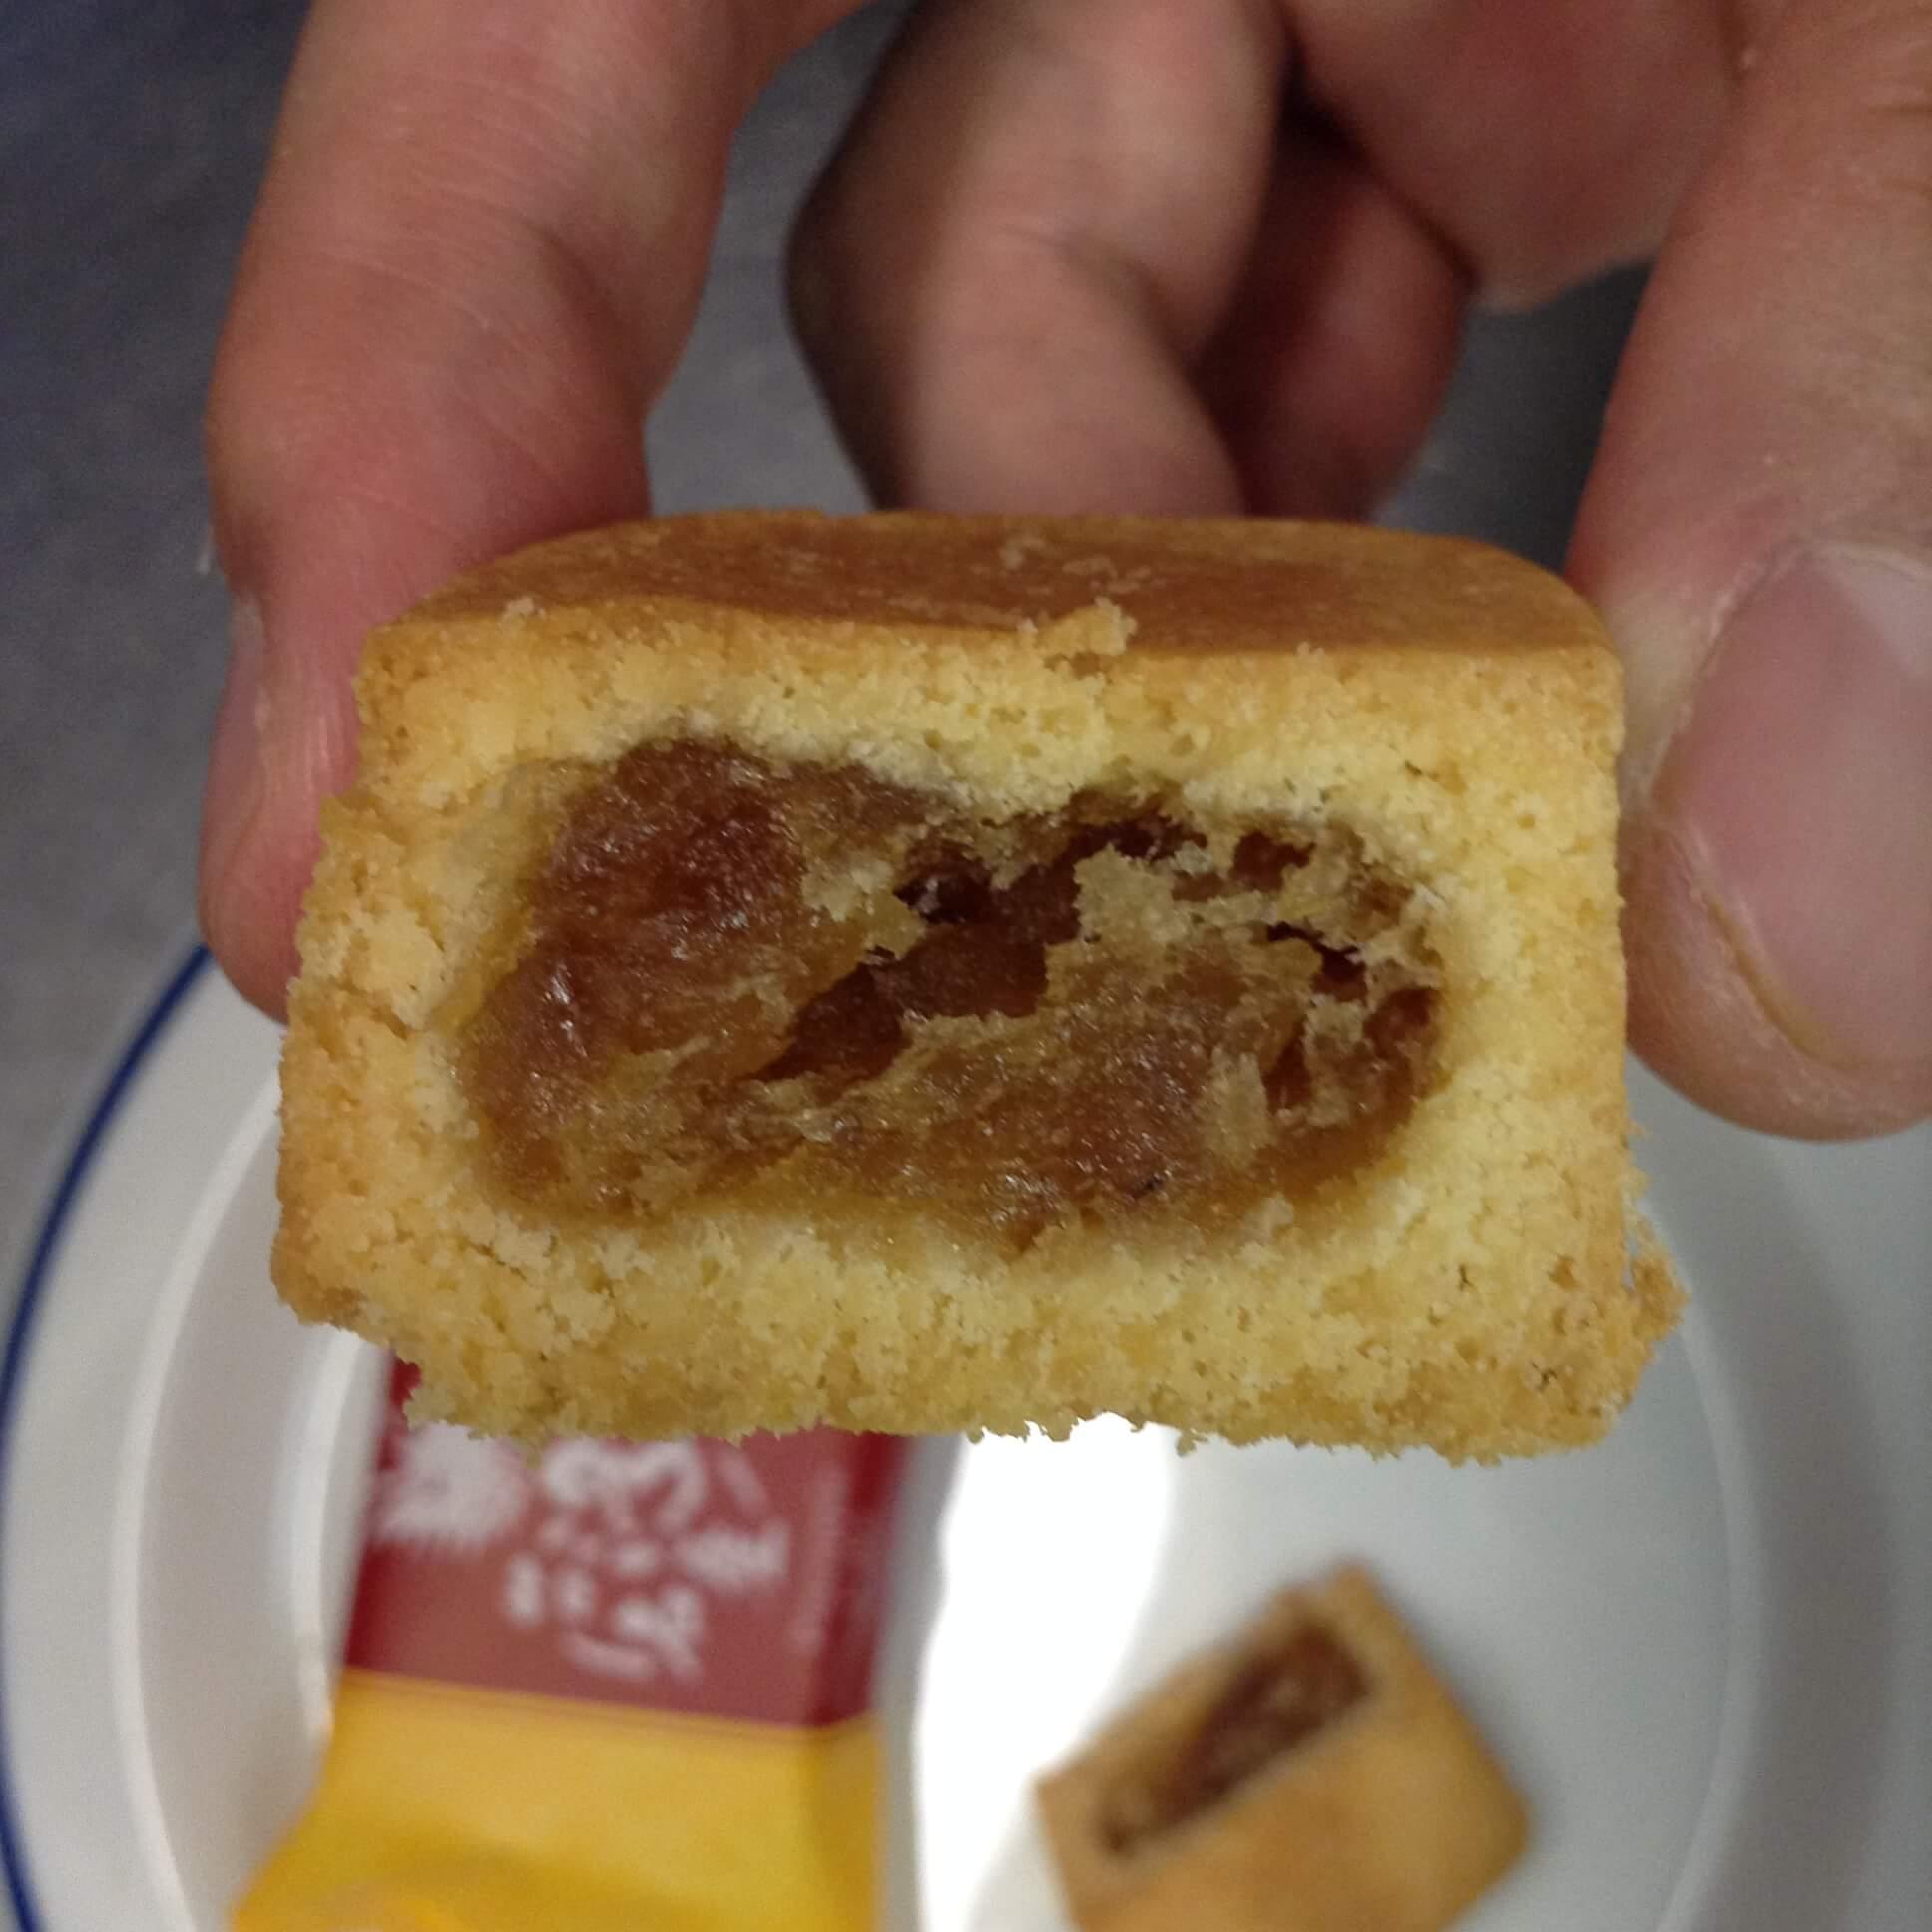 台湾銘菓パイナップルケーキの味、食感、賞味期限の比較まとめ